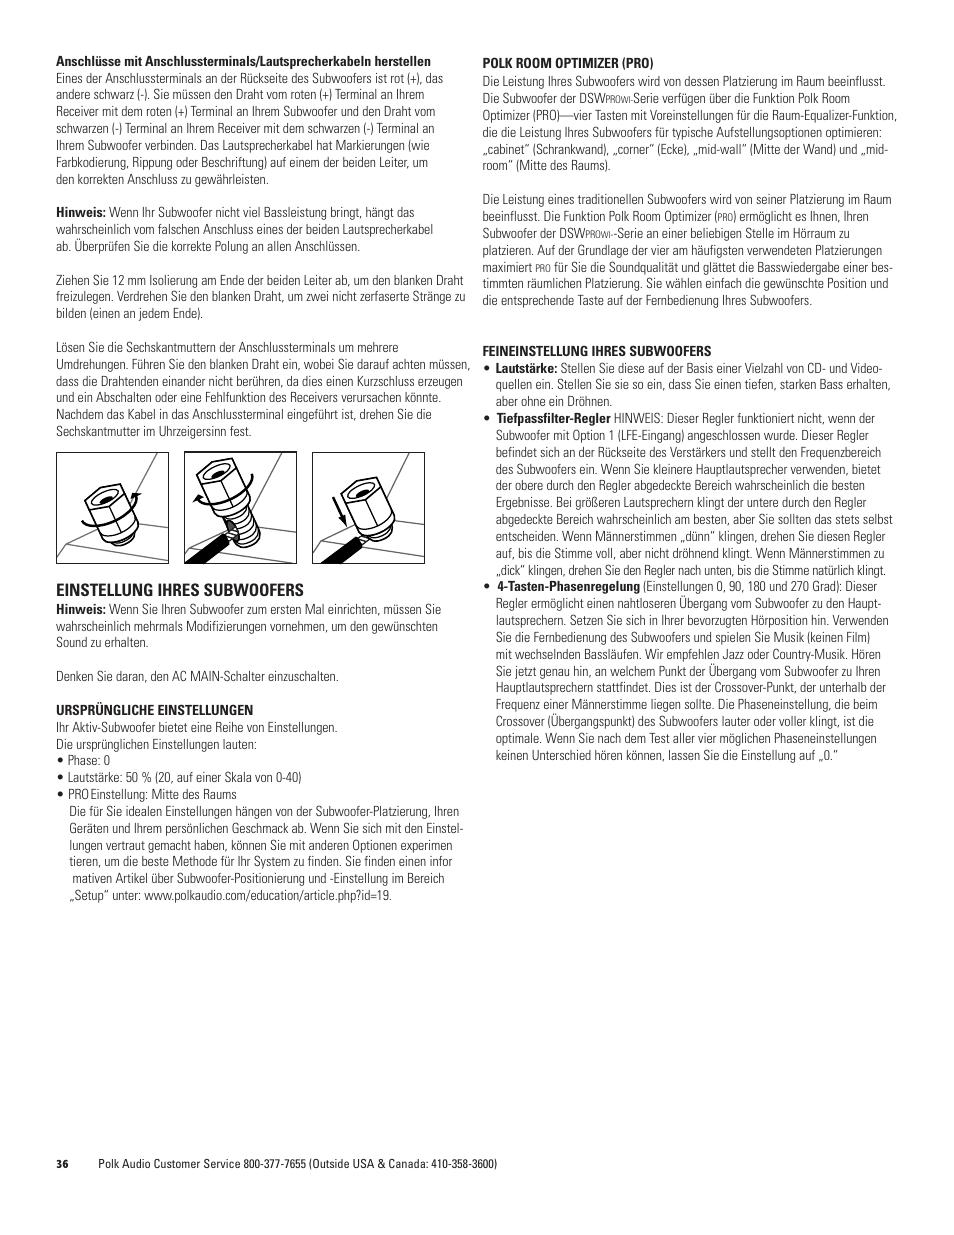 Einstellung ihres subwoofers | Polk Audio DSW PRO 440wi User Manual ...